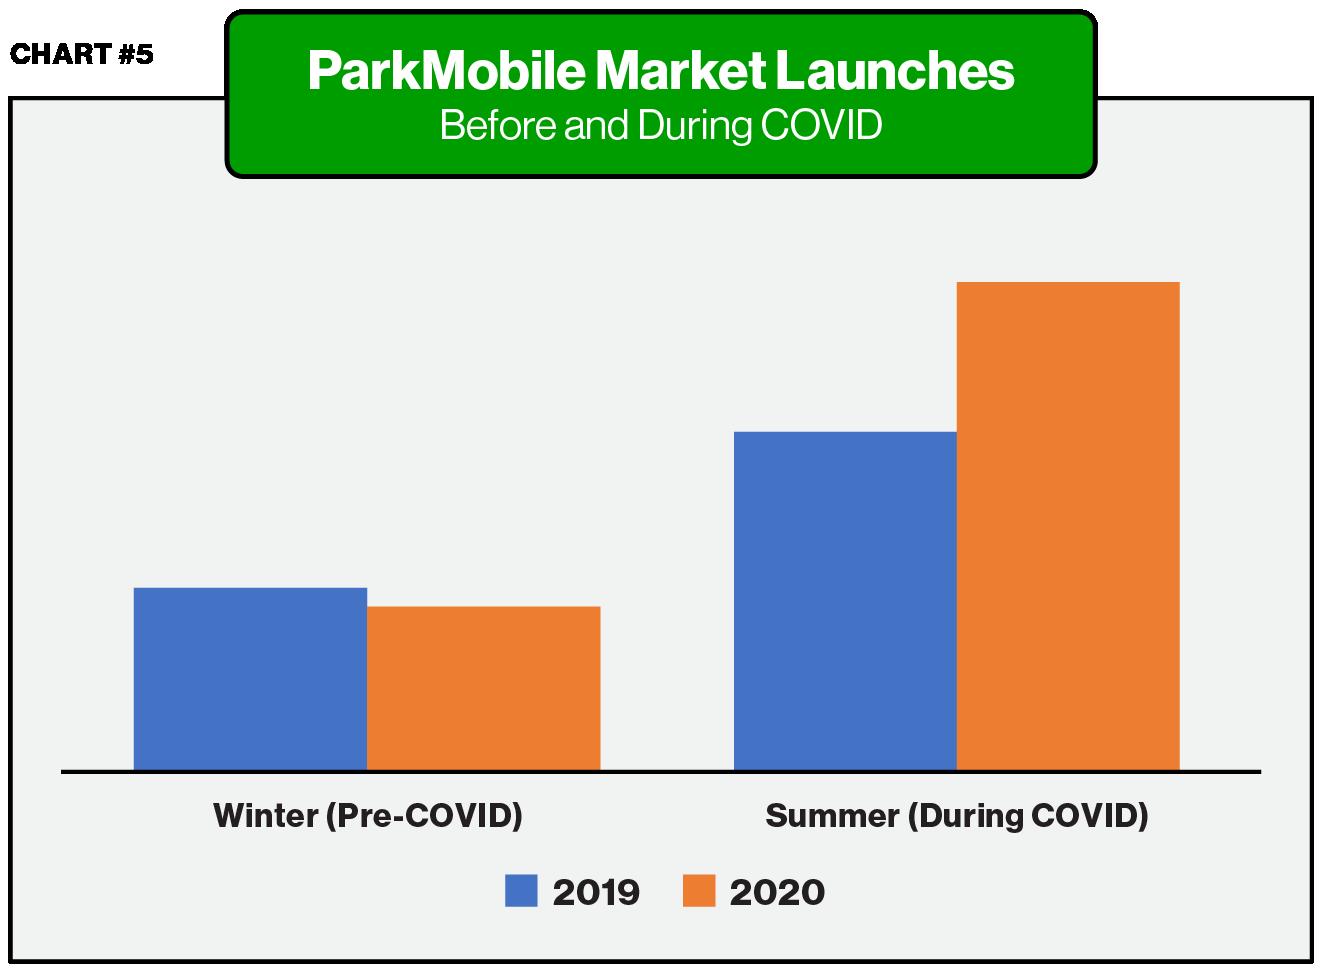 Market Launches - ParkMobile